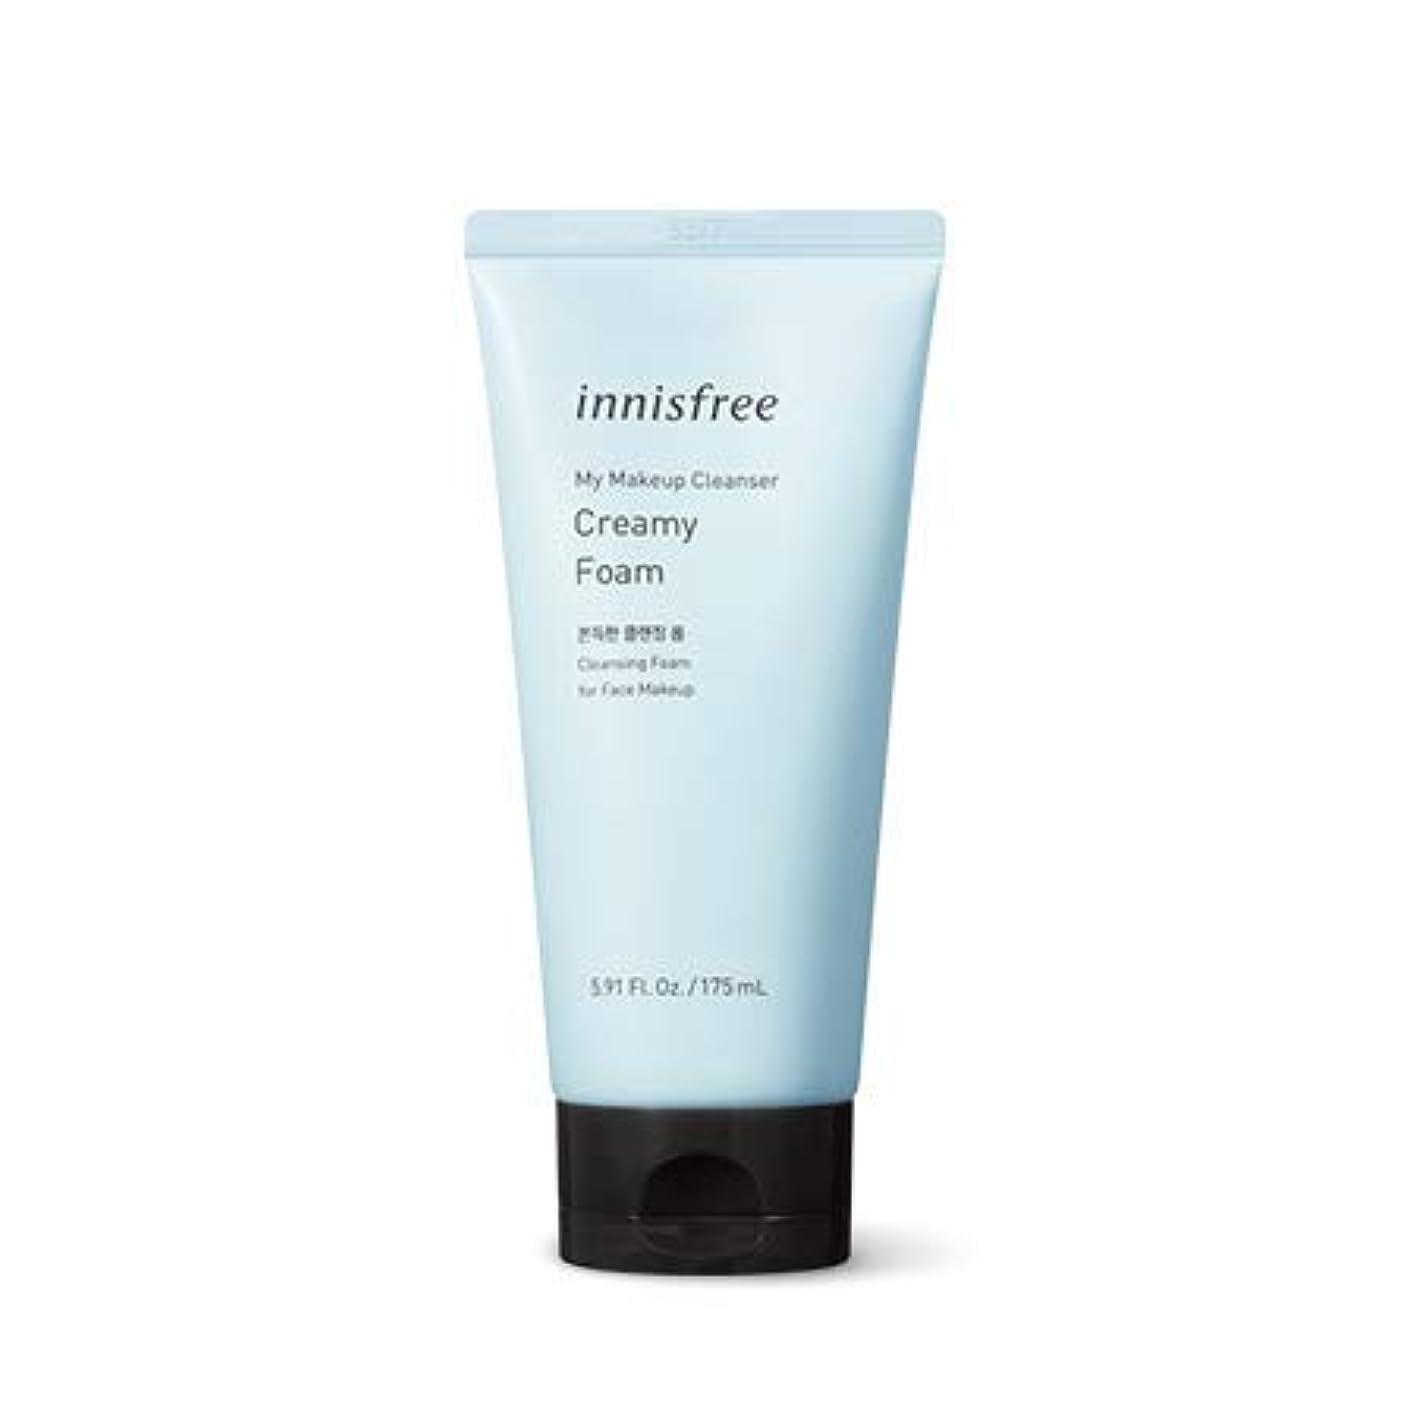 完全に他の場所除外する[イニスフリー.innisfree]マイメイククレンザー - クリーミーフォーム175mL+ free(laneige。water sleeping mask15ml)/ My Makeup Cleanser - Creamy...